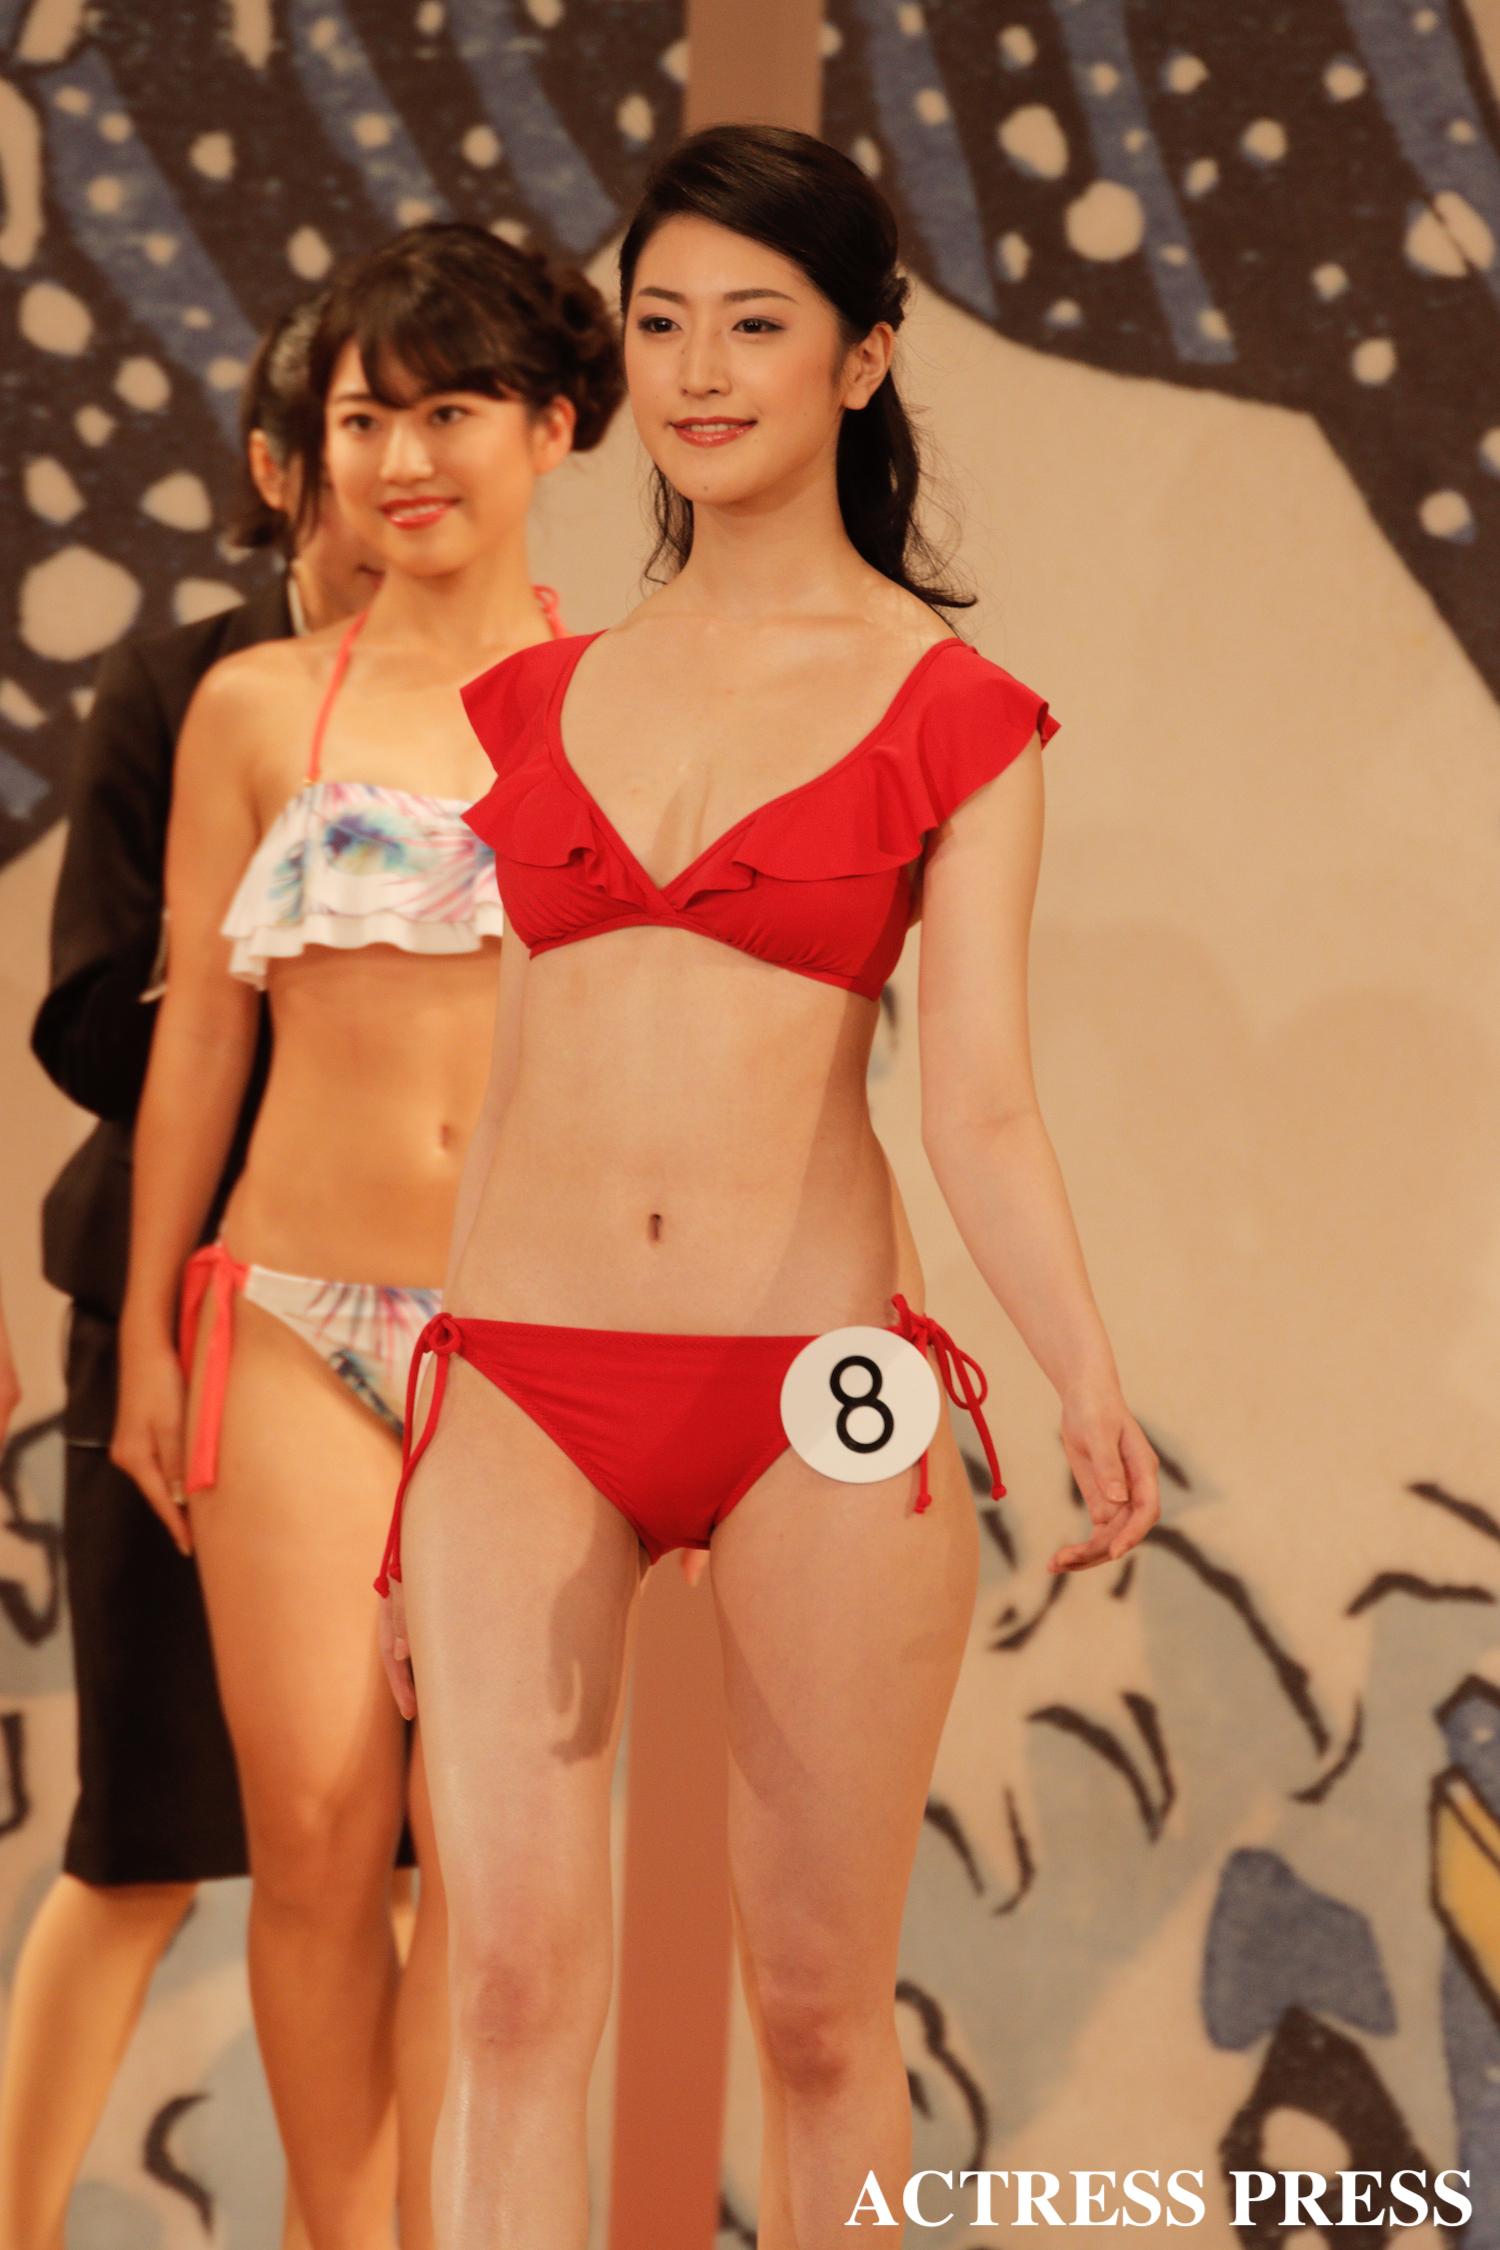 青木 胡杜音/2020年1月20日(月)、『第52回ミス日本コンテスト2020』にて/撮影:ACTRESS PRESS編集部